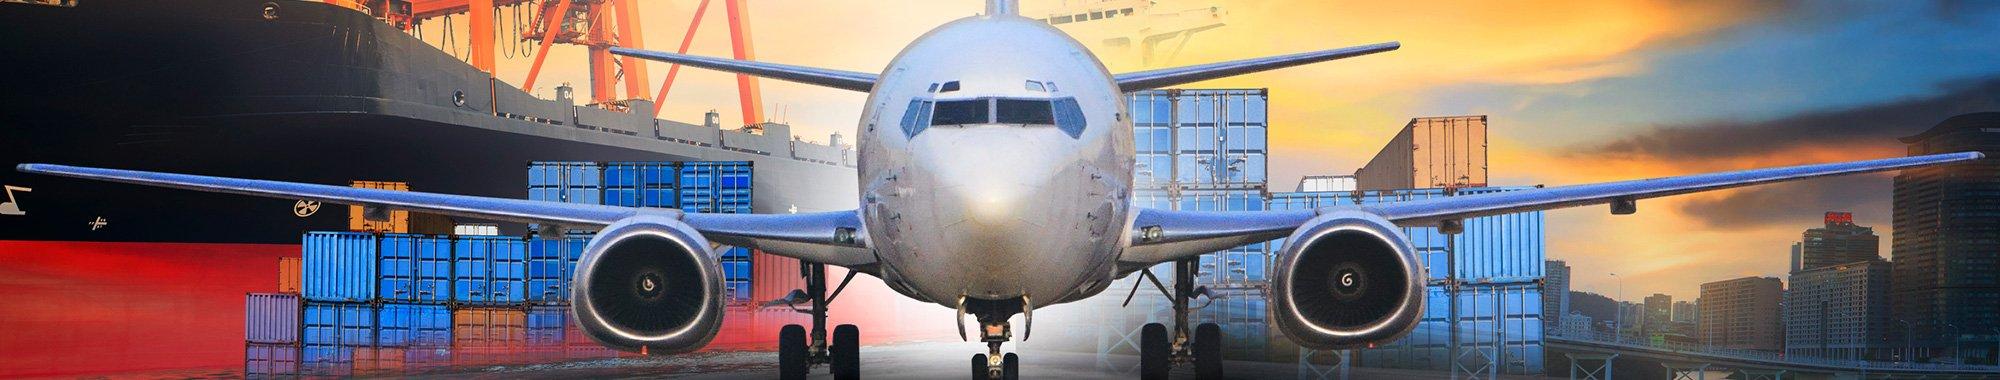 Por qué deben importar las regulaciones locales de las aerolíneas